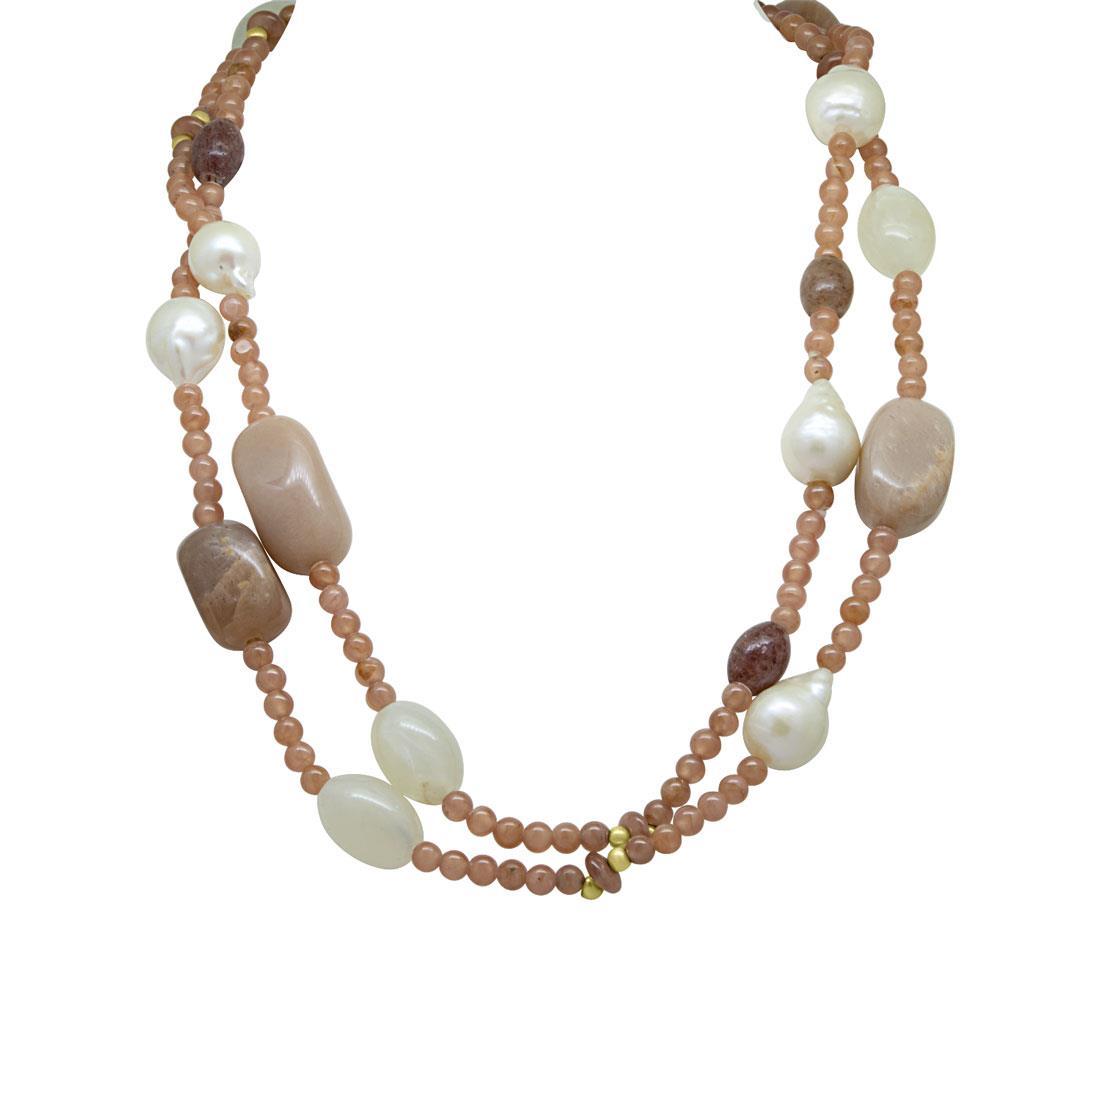 Collana di perle e pietre semipreziose - RIVIK